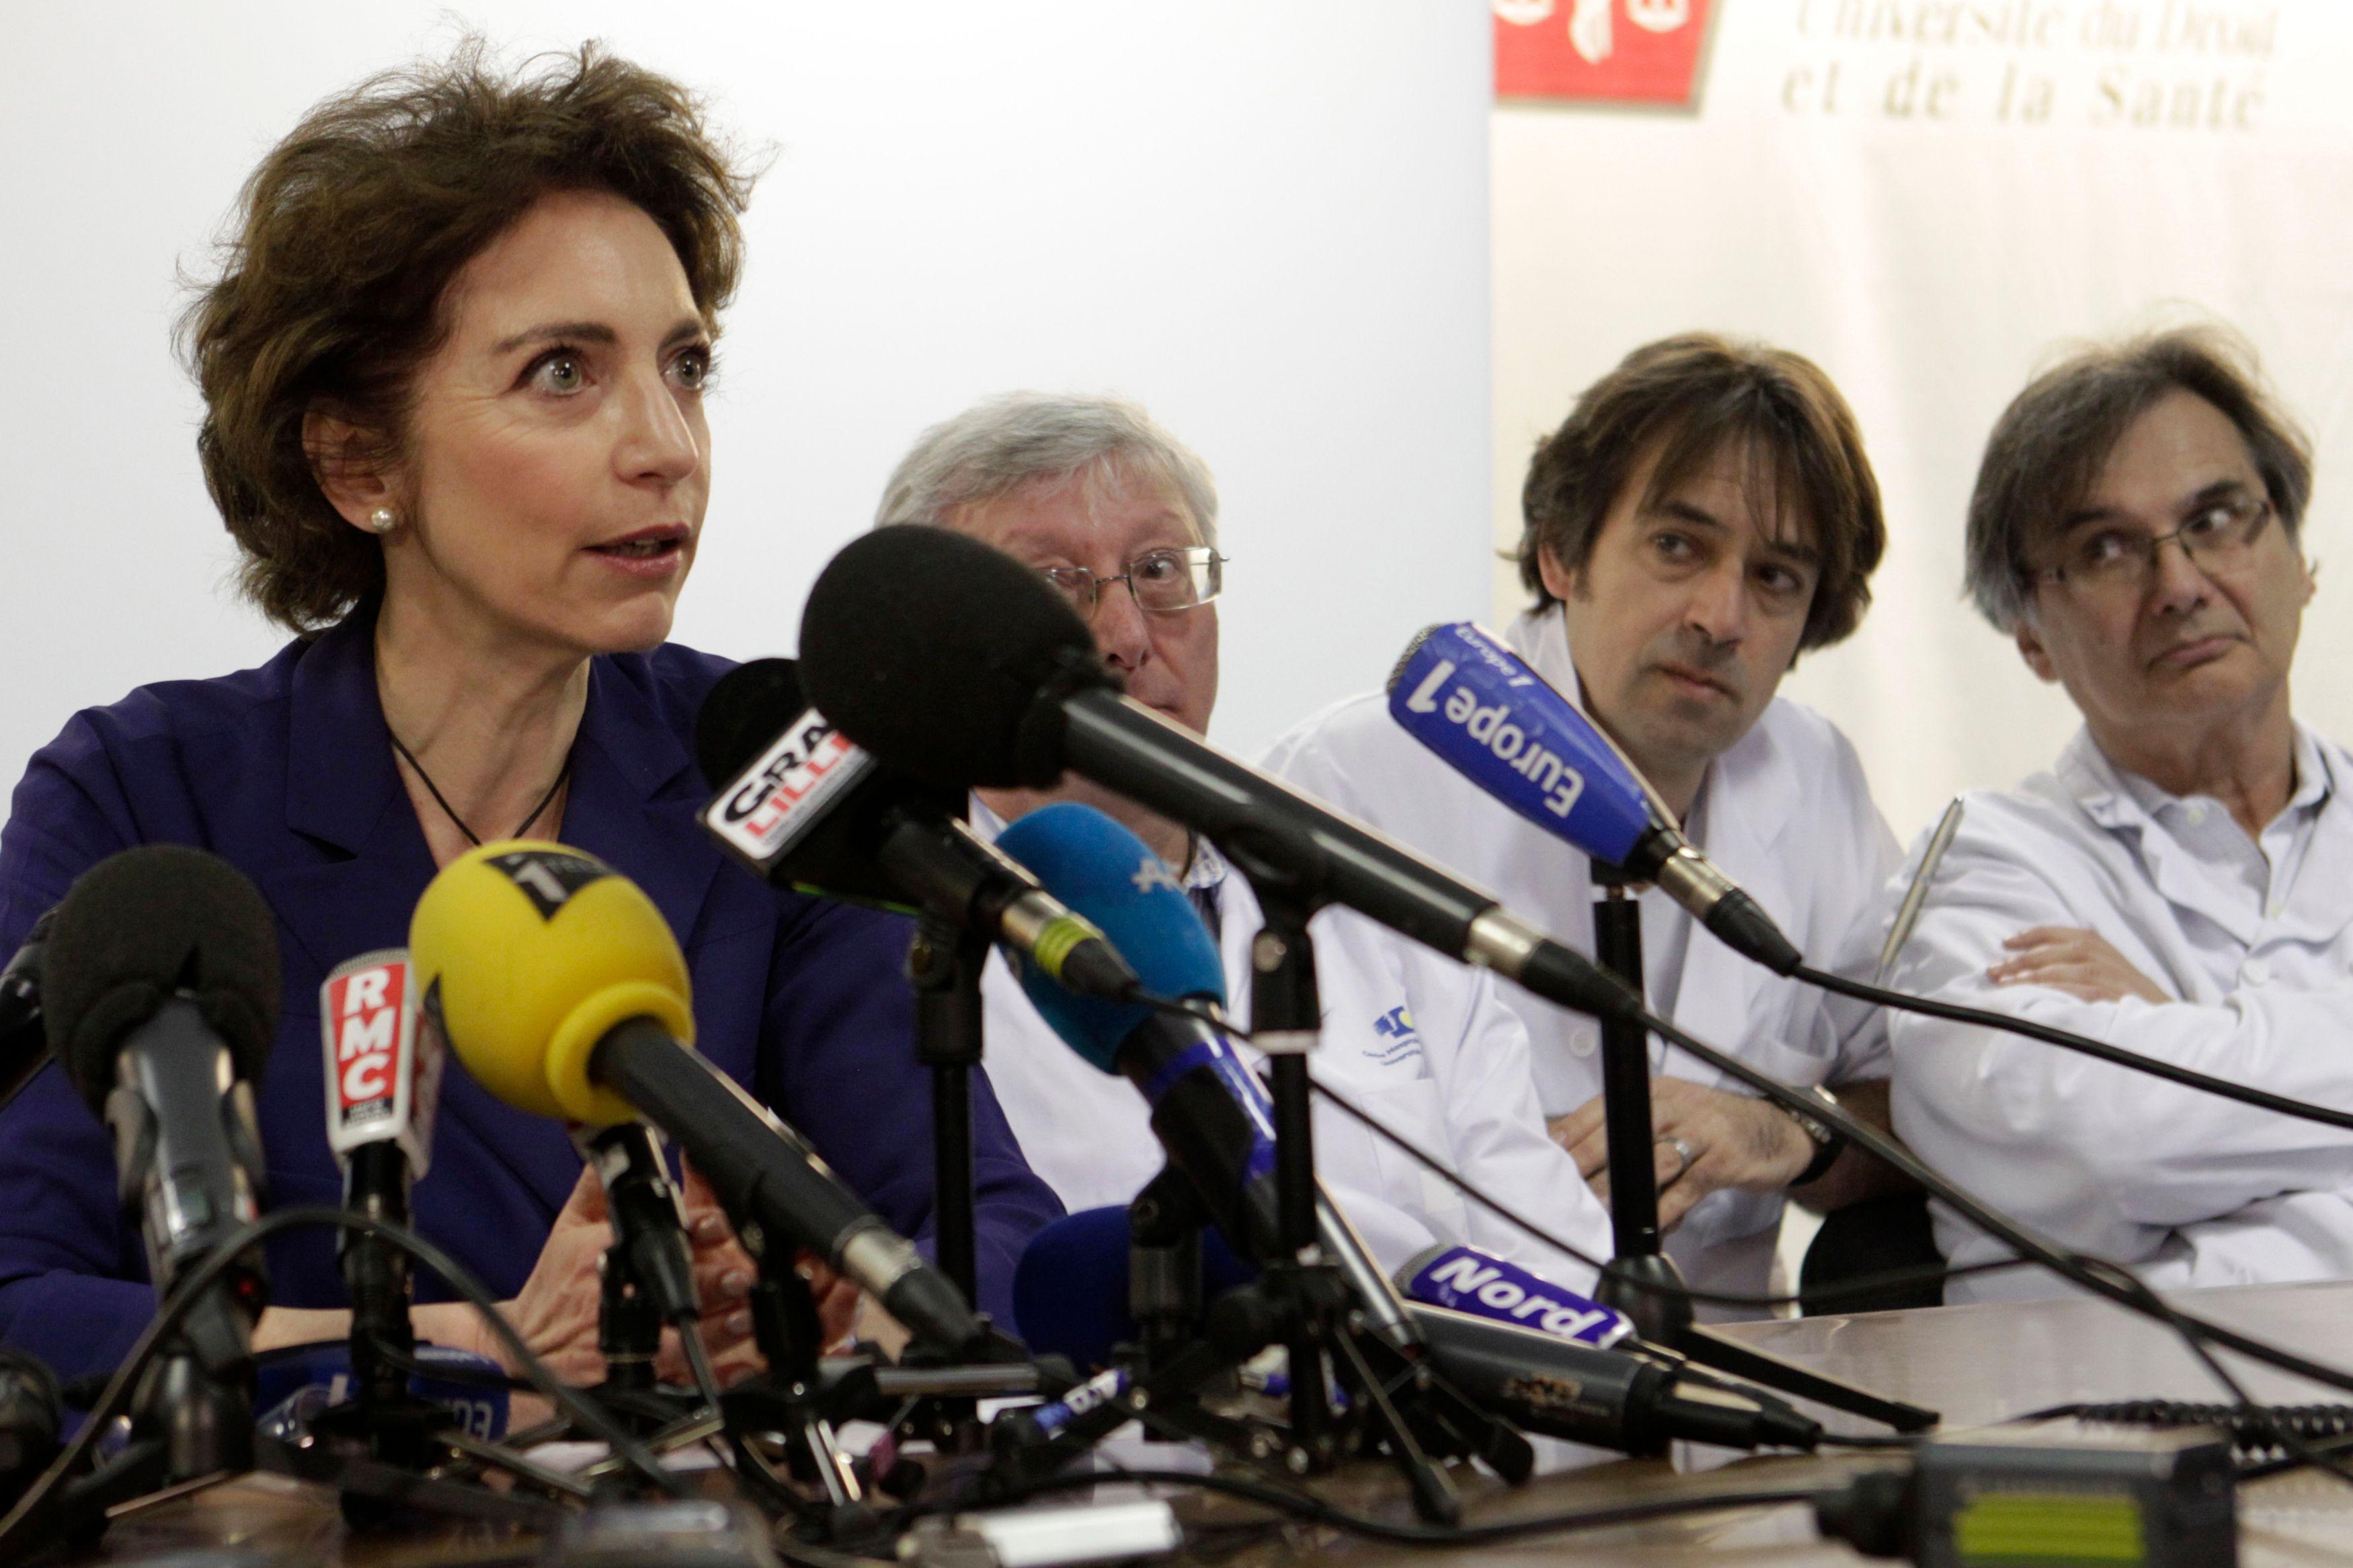 Bébés morts à Chambéry : Marisol Touraine évoque uncinquième cas suspect